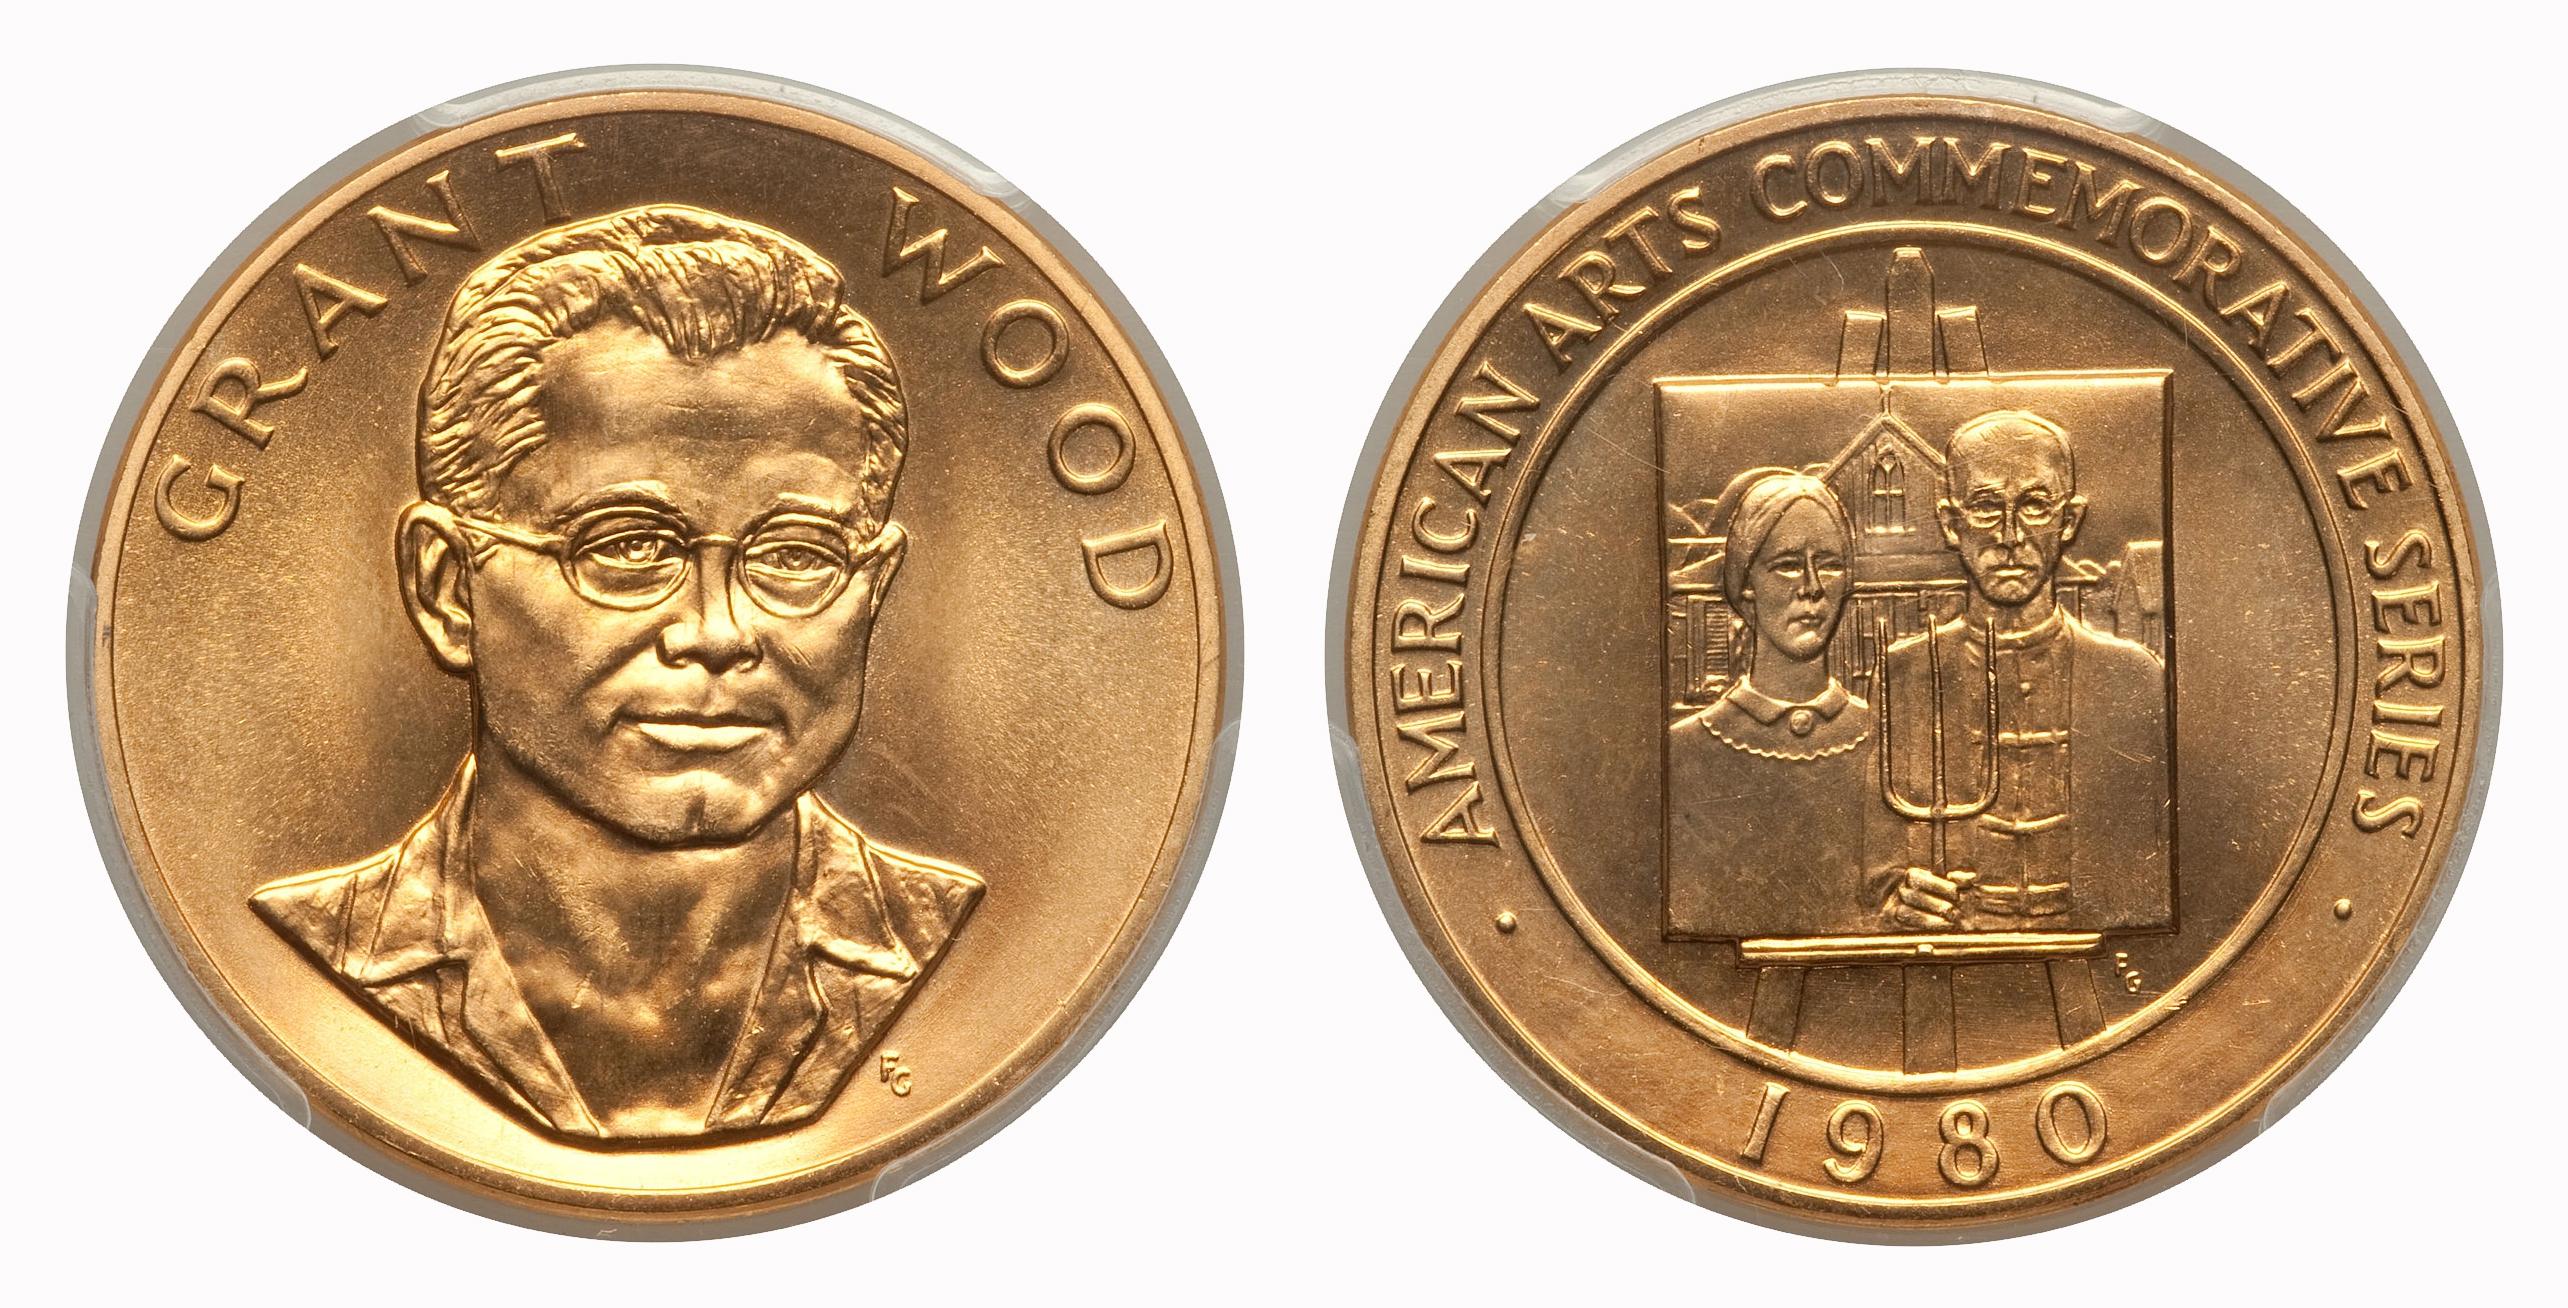 American Arts Commemorative Series Medallions Wikipedia